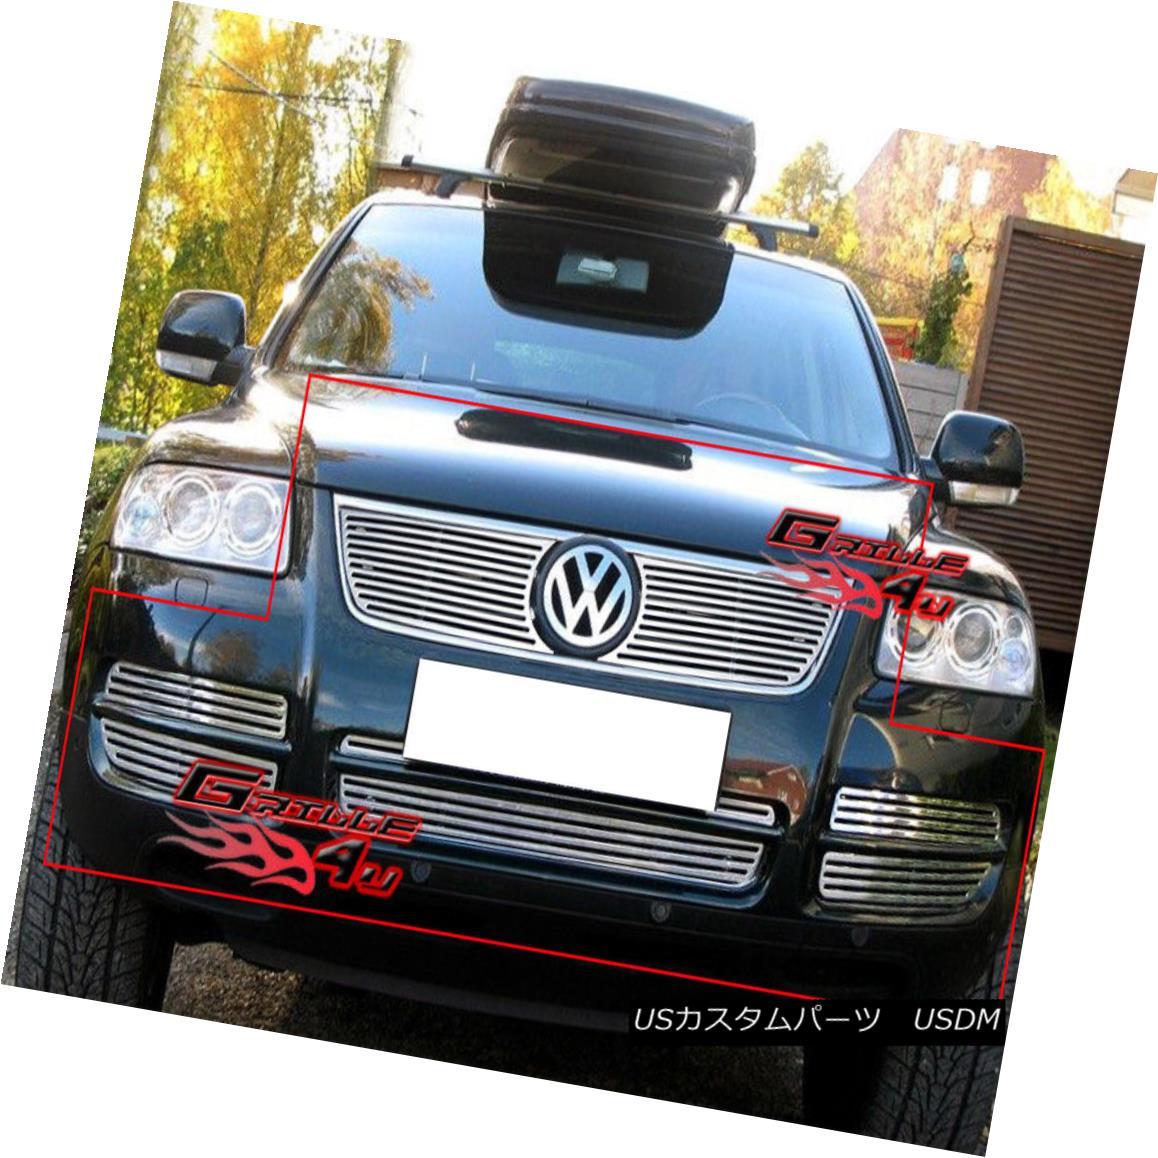 グリル For 03-07 Volkswagen VW Touareg V6 Billet Grille Combo 03-07フォルクスワーゲンVWトアレグV6ビレットグリルコンボ用